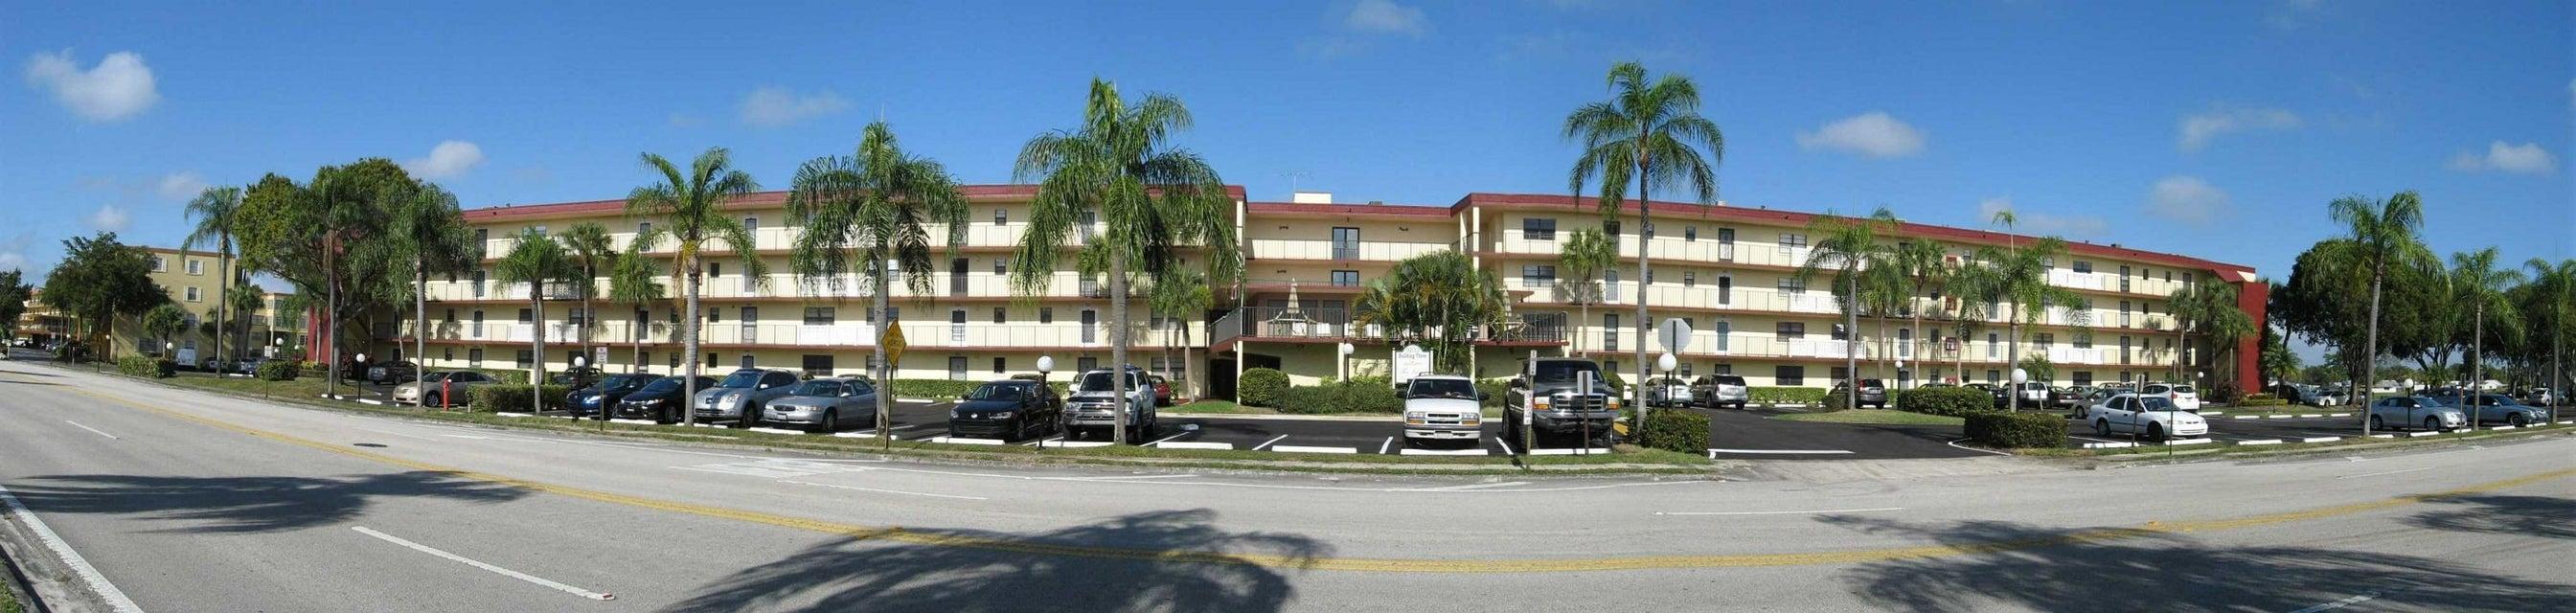 9233 SW 8th Street 115  Boca Raton FL 33428